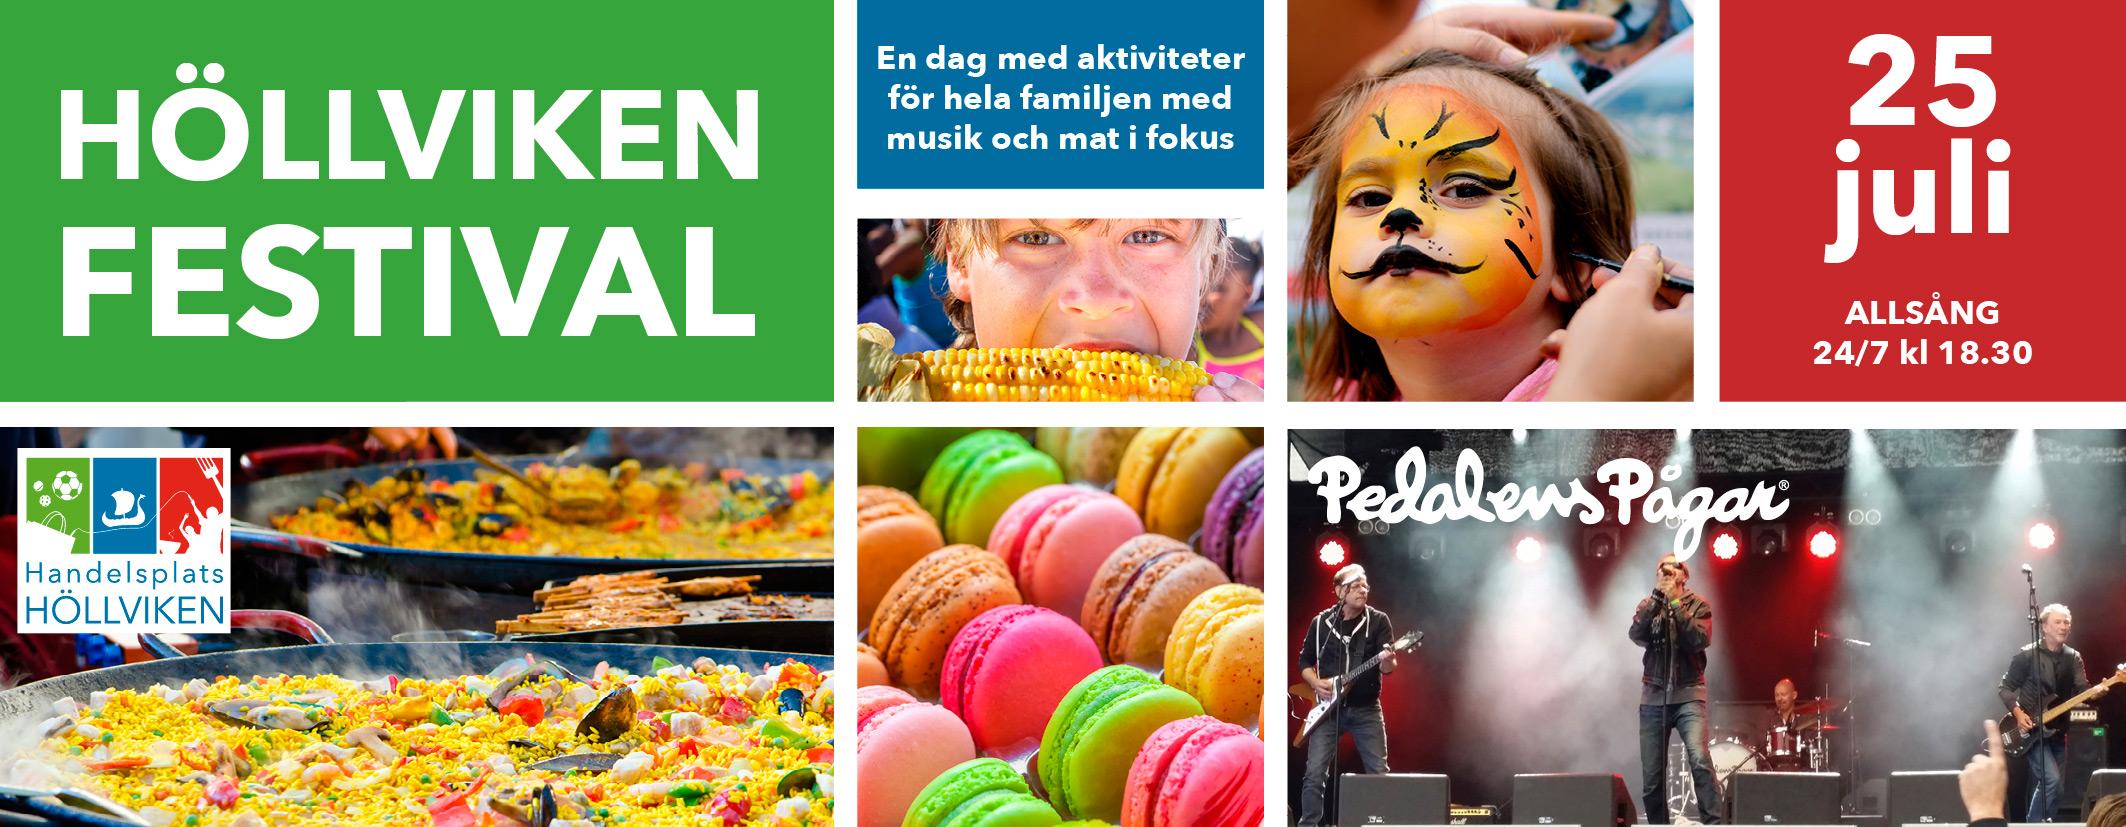 Höllviken Festival_marknadsmaterial_by epafi